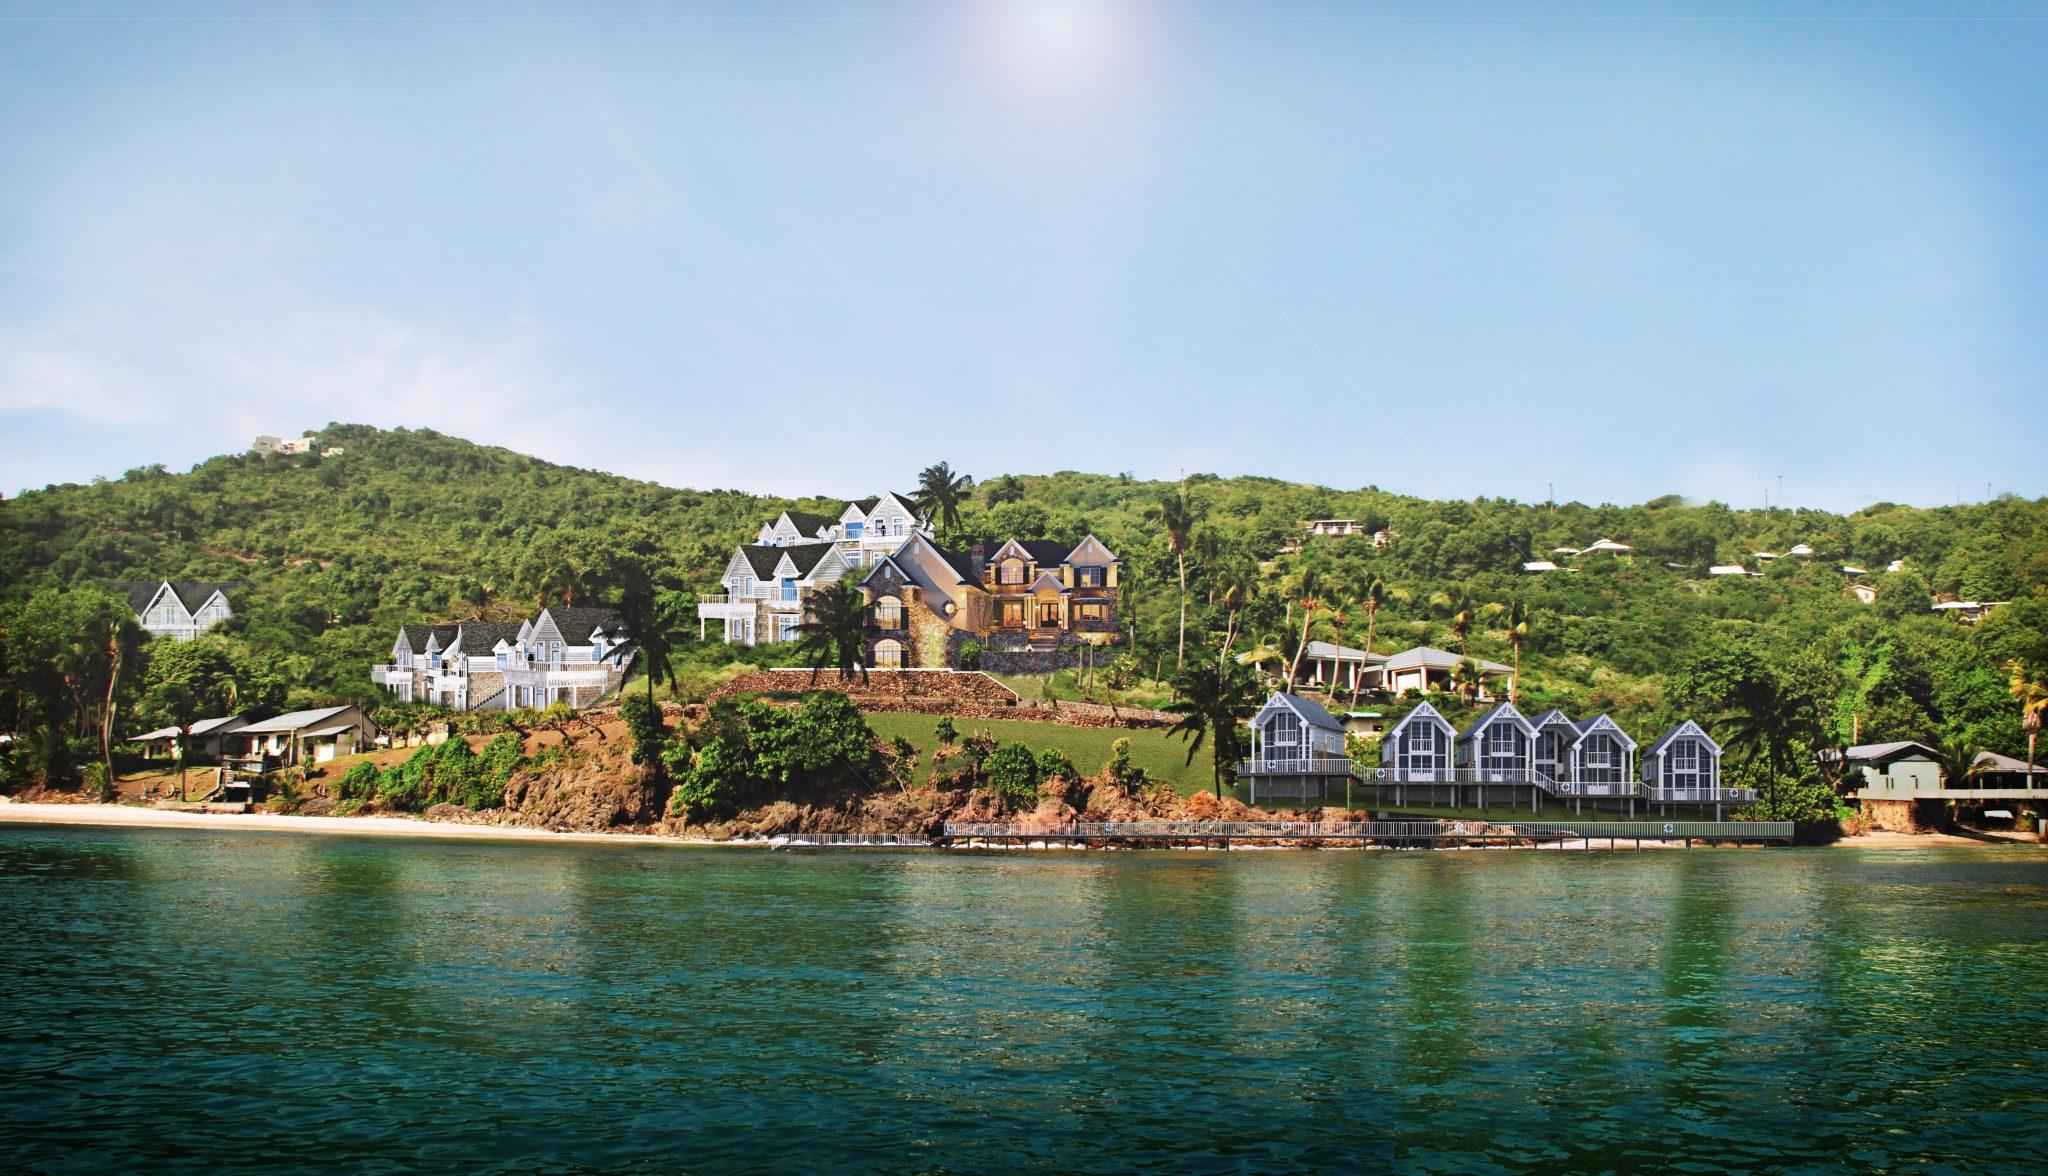 Nytt hotellområde på ön Bequia i Västindien, framtaget av Rex Arkitektbyrå tillsammans med landskapsarkitekt från USA. Vy från vattnet